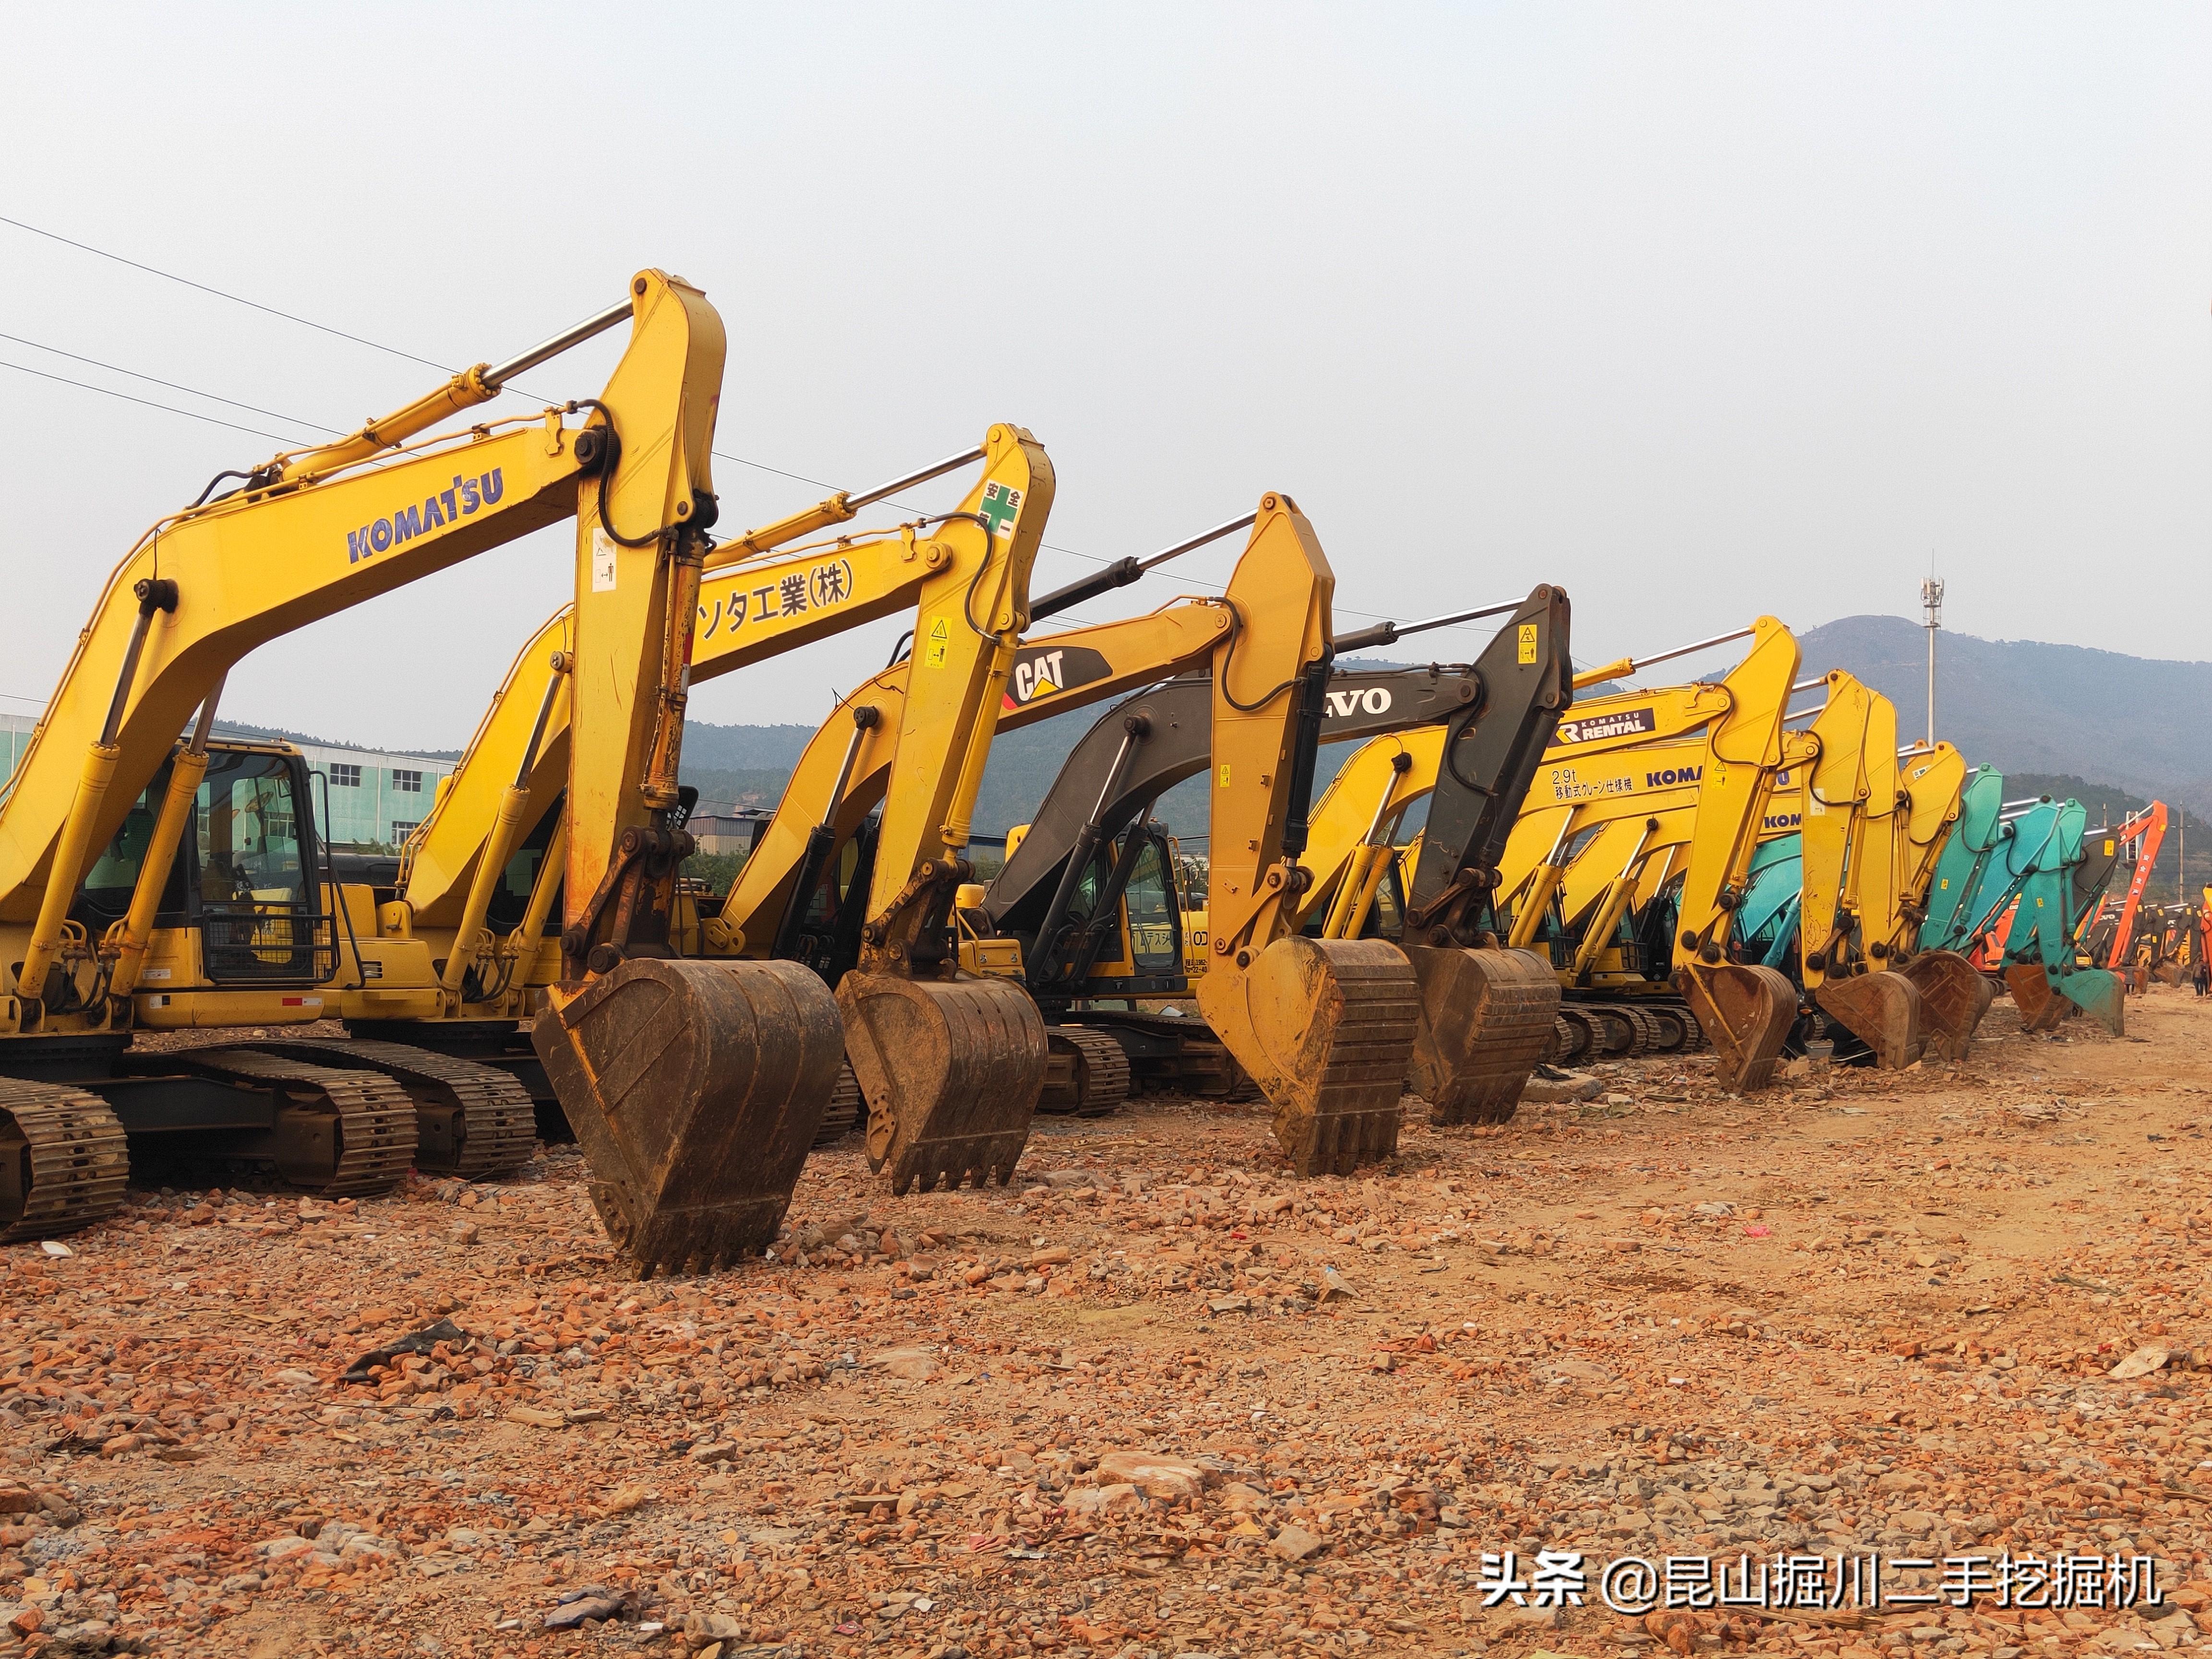 挖掘机行业行情惨淡,是什么原因导致?明年能否有所转变